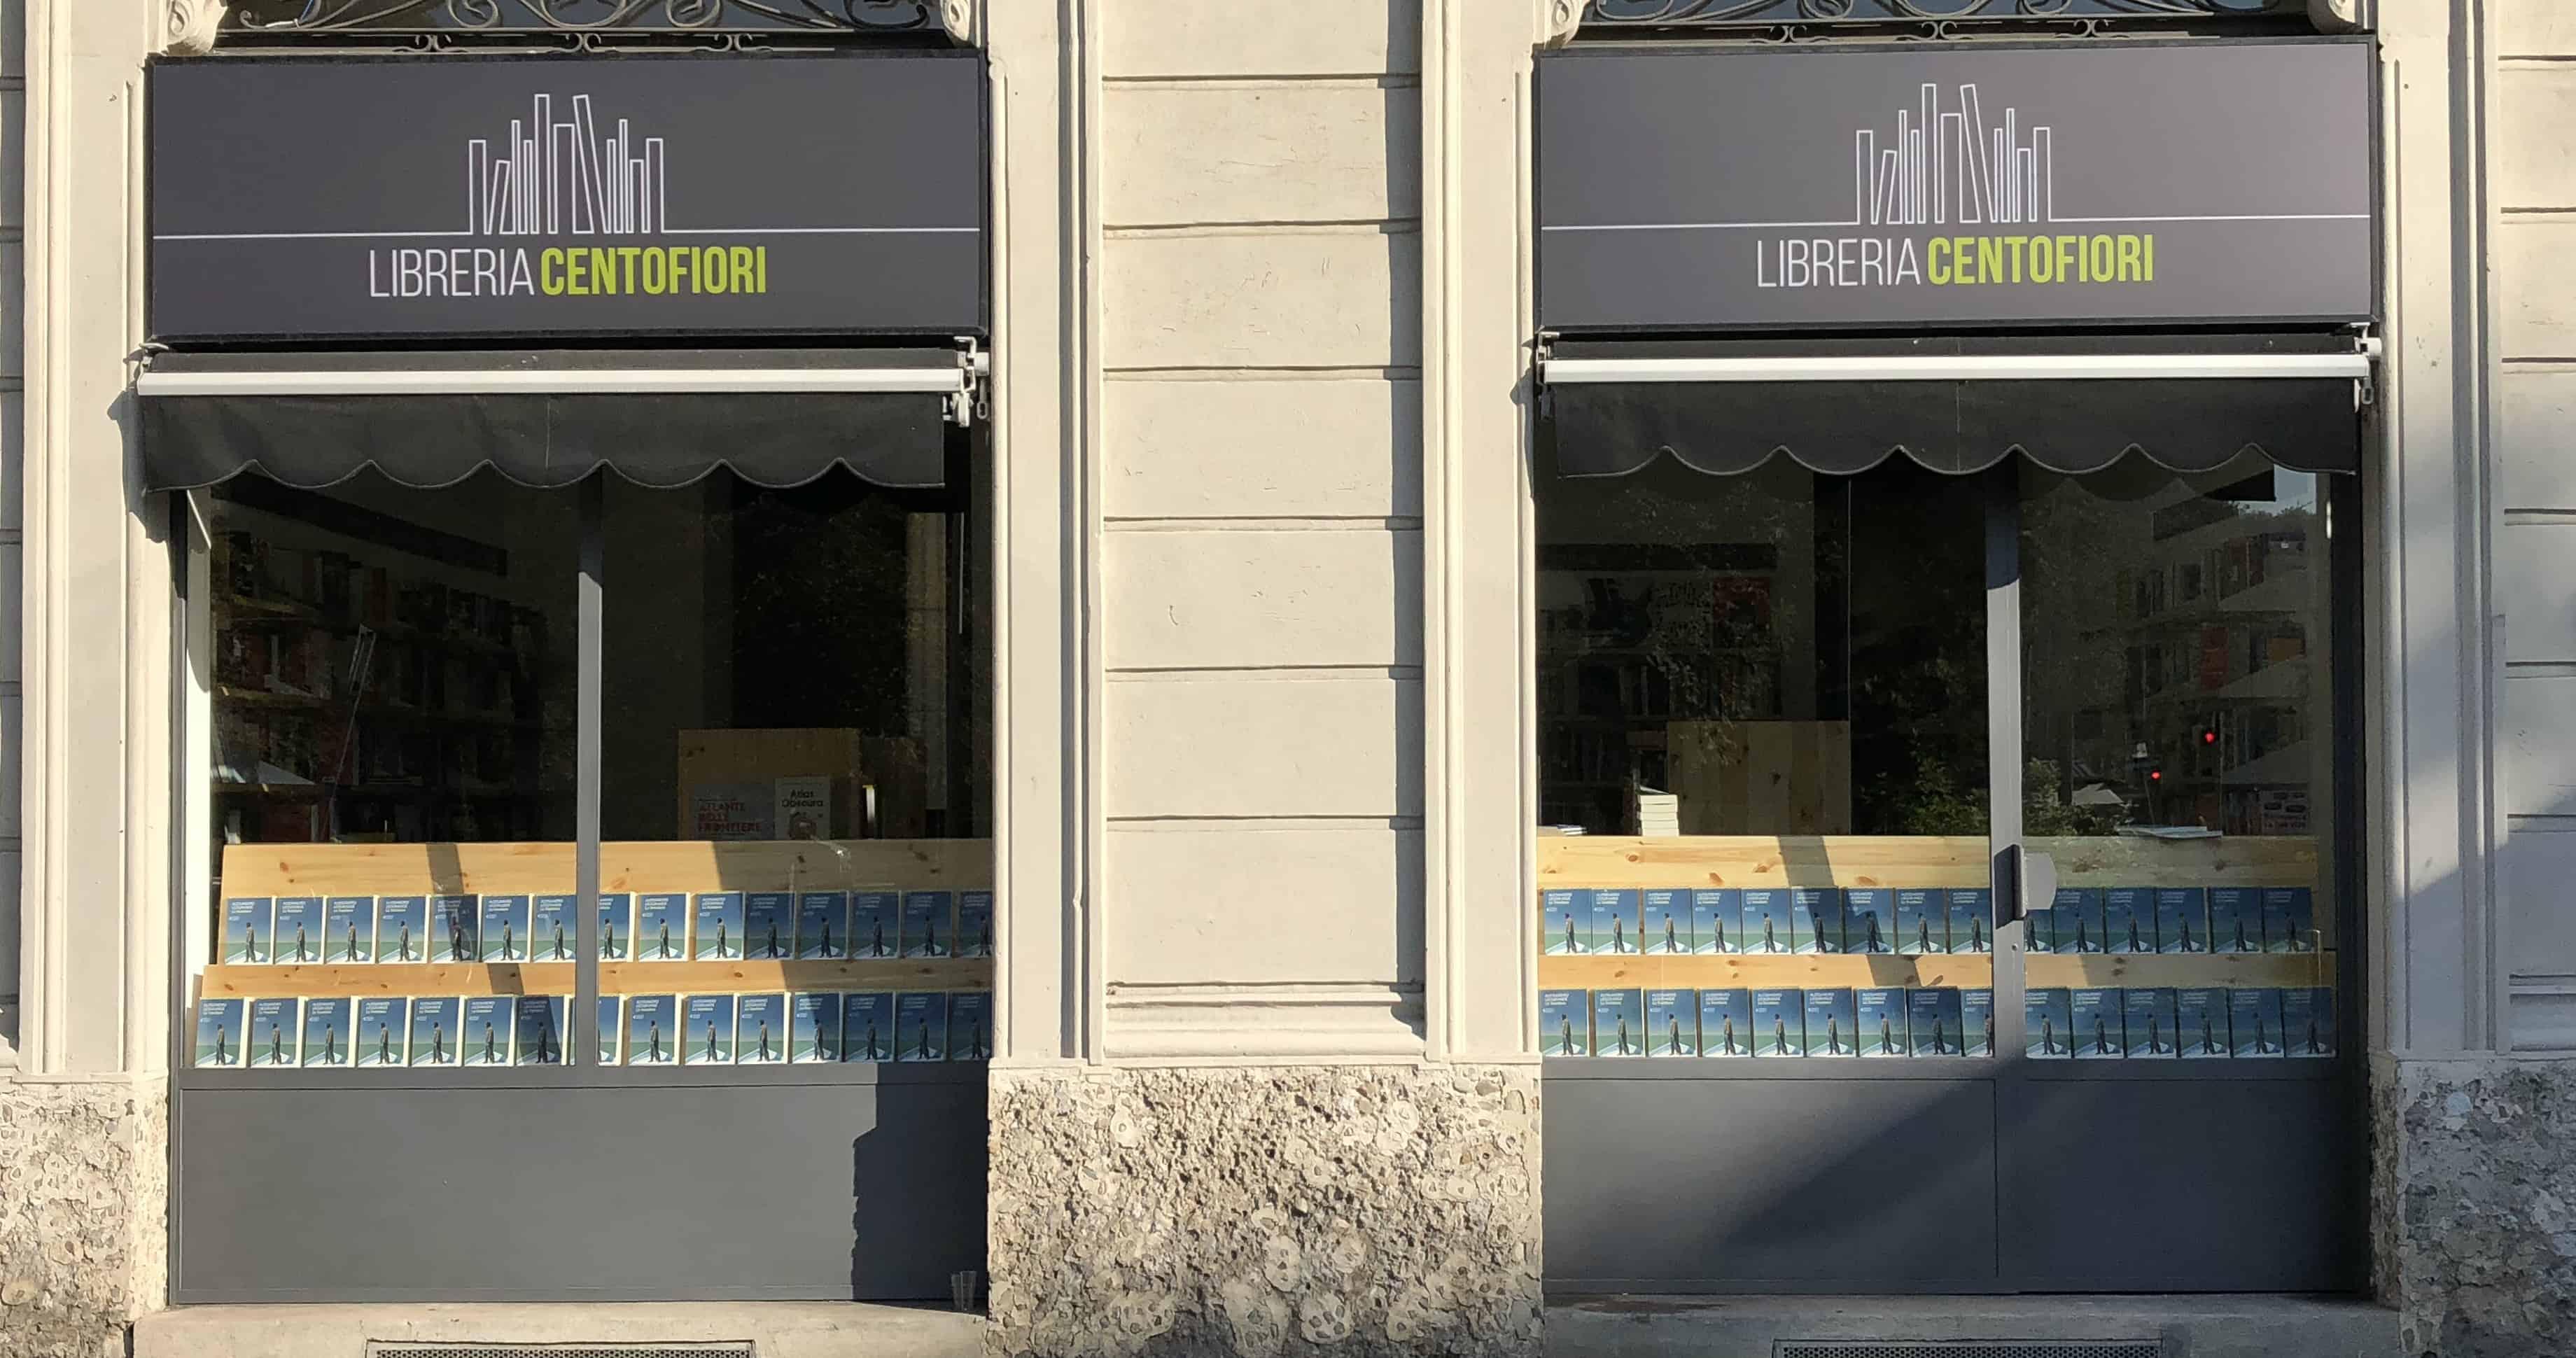 Riapre la libreria Centofiori a Milano: intervista a Vittorio Graziani